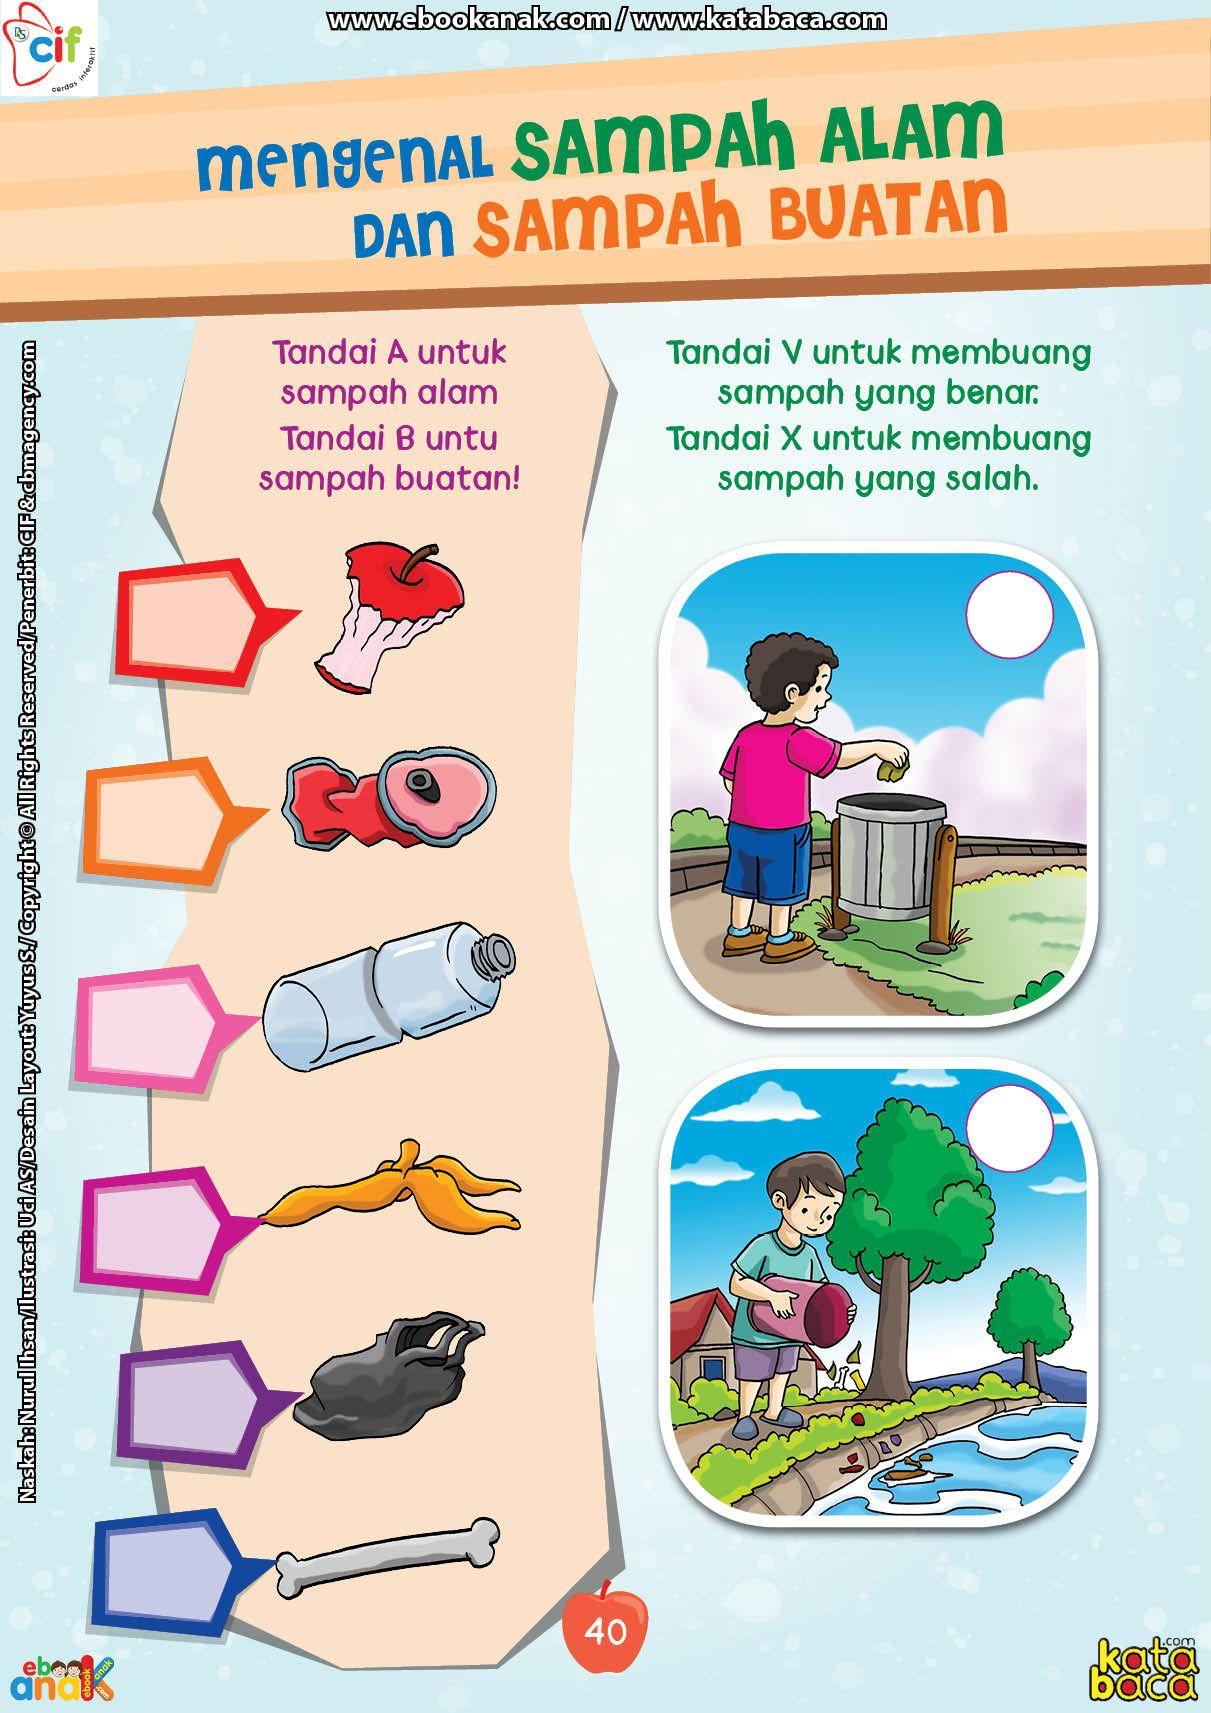 Mengenal Sampah Buatan Dan Sampah Alam